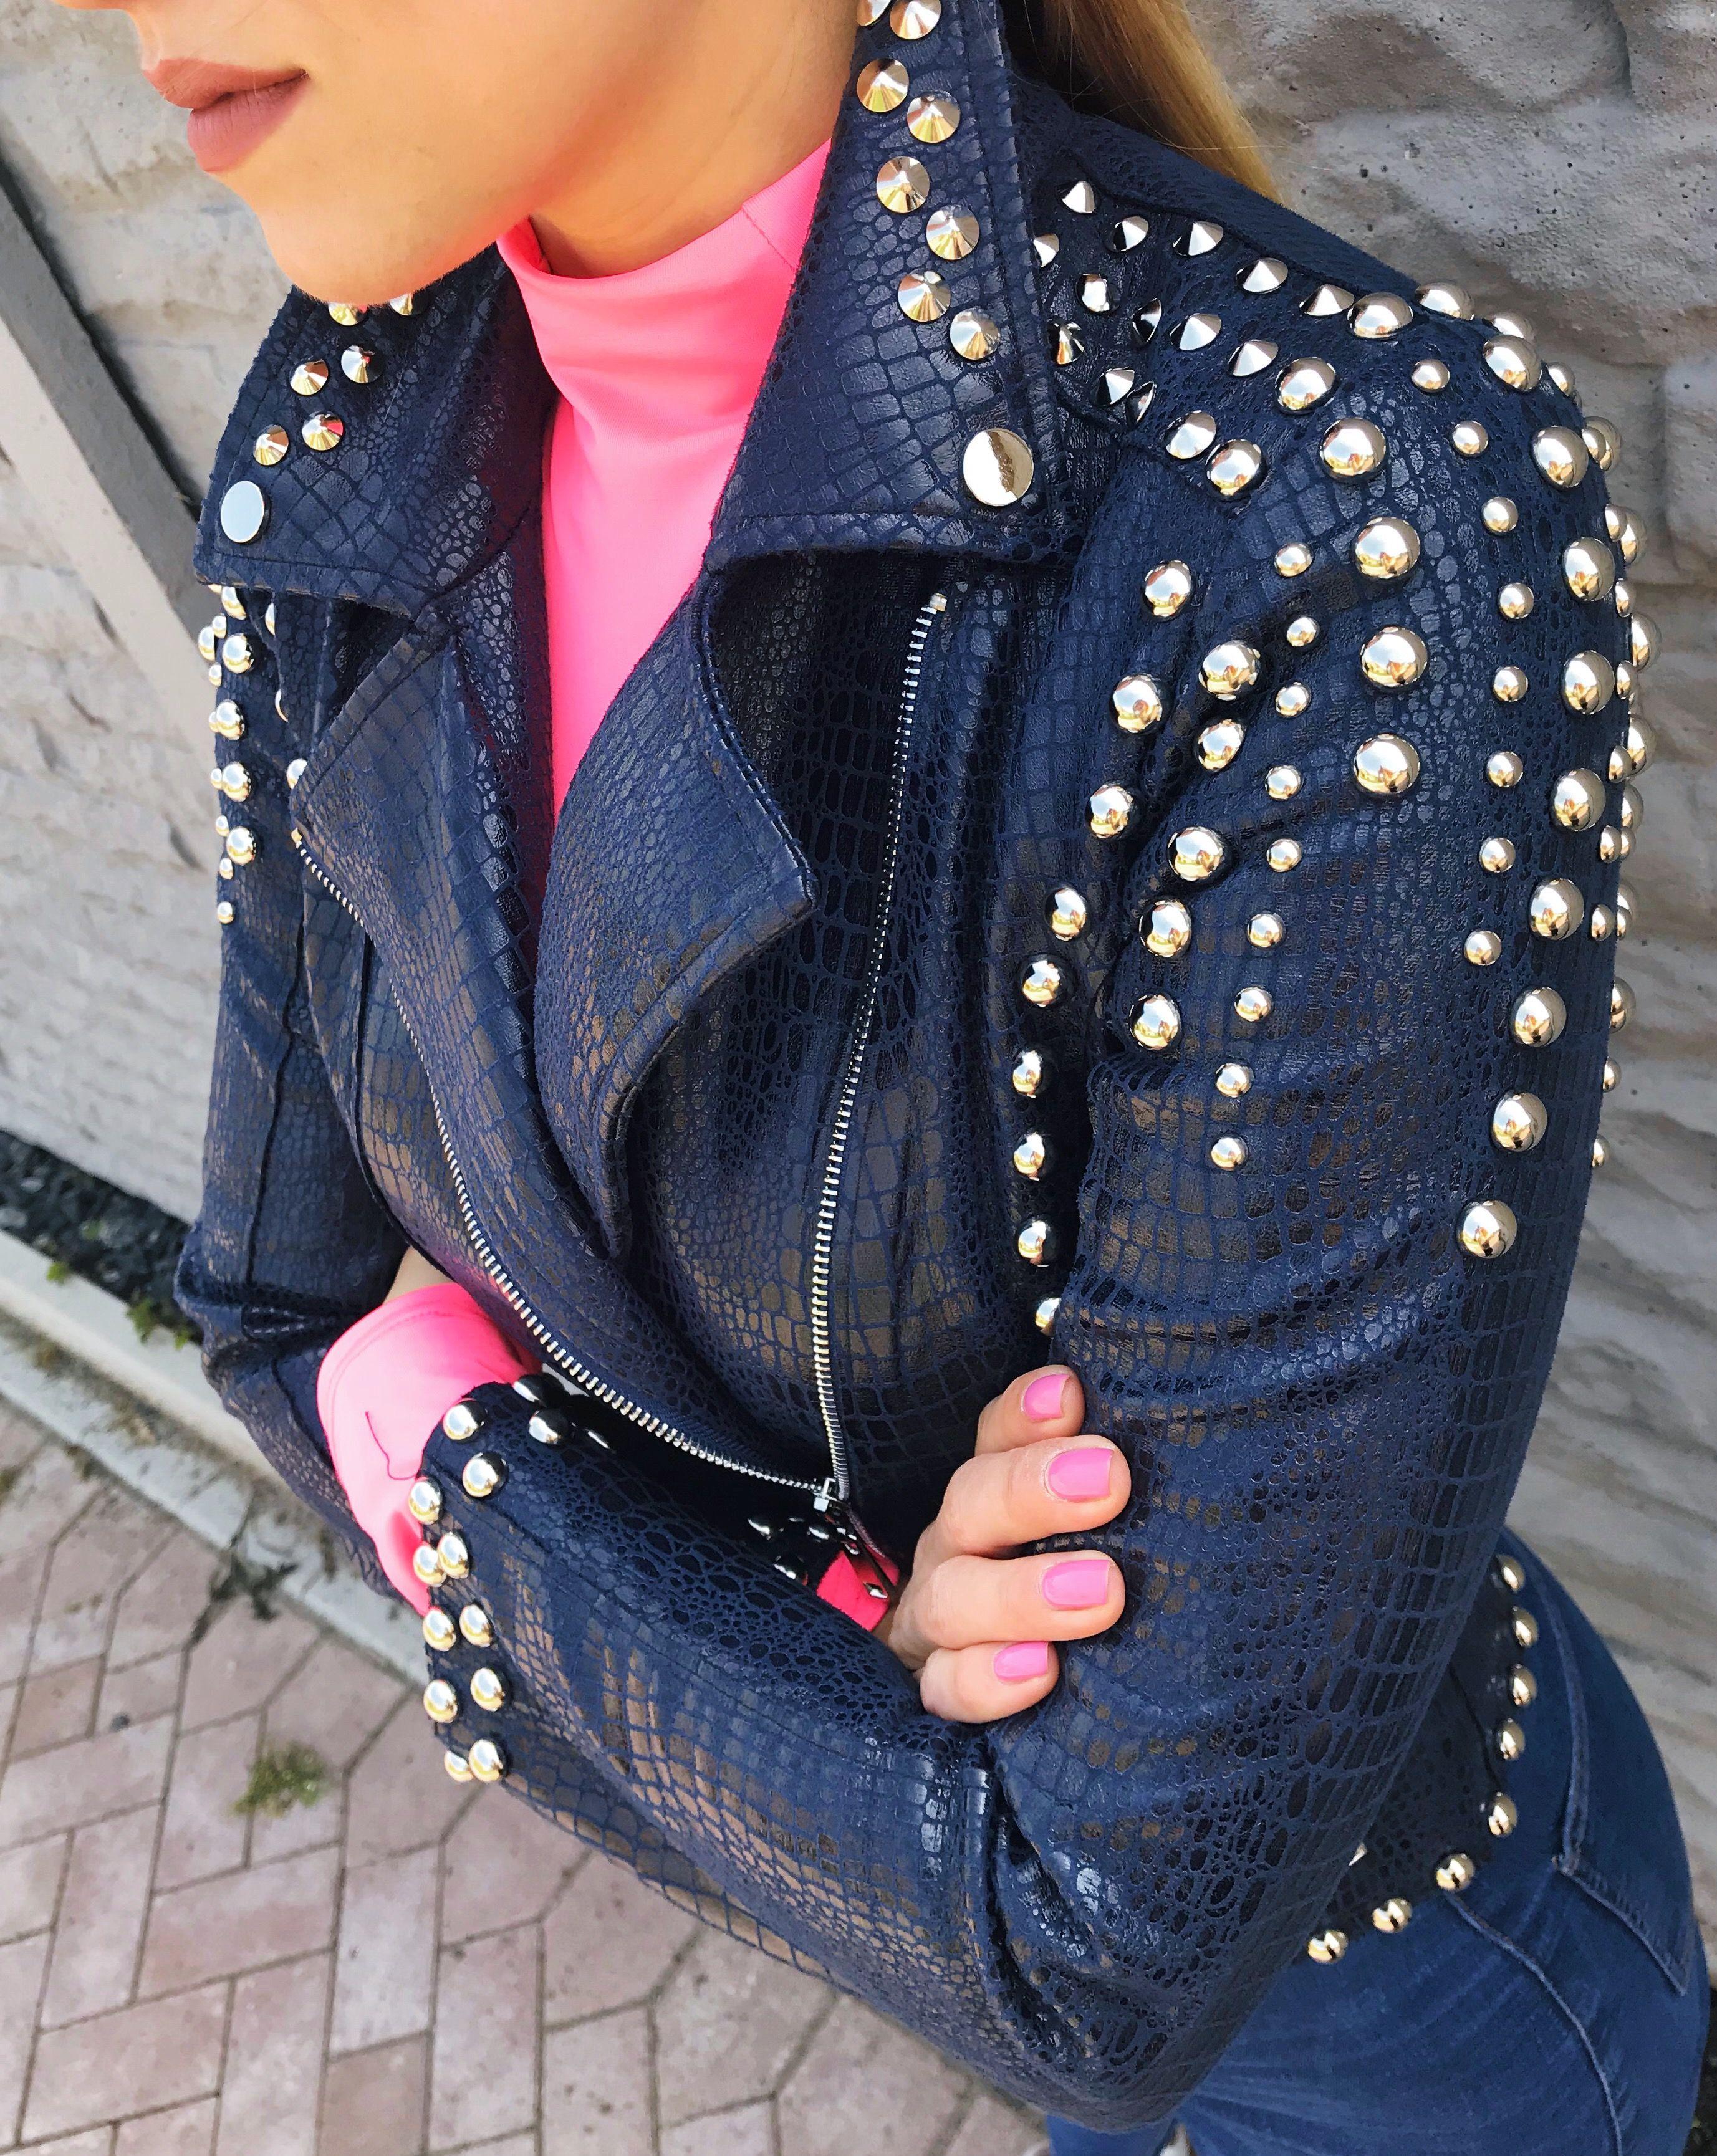 PREMIUM Dunkelblau Jacke mit Krokodil Muster | Studded ...